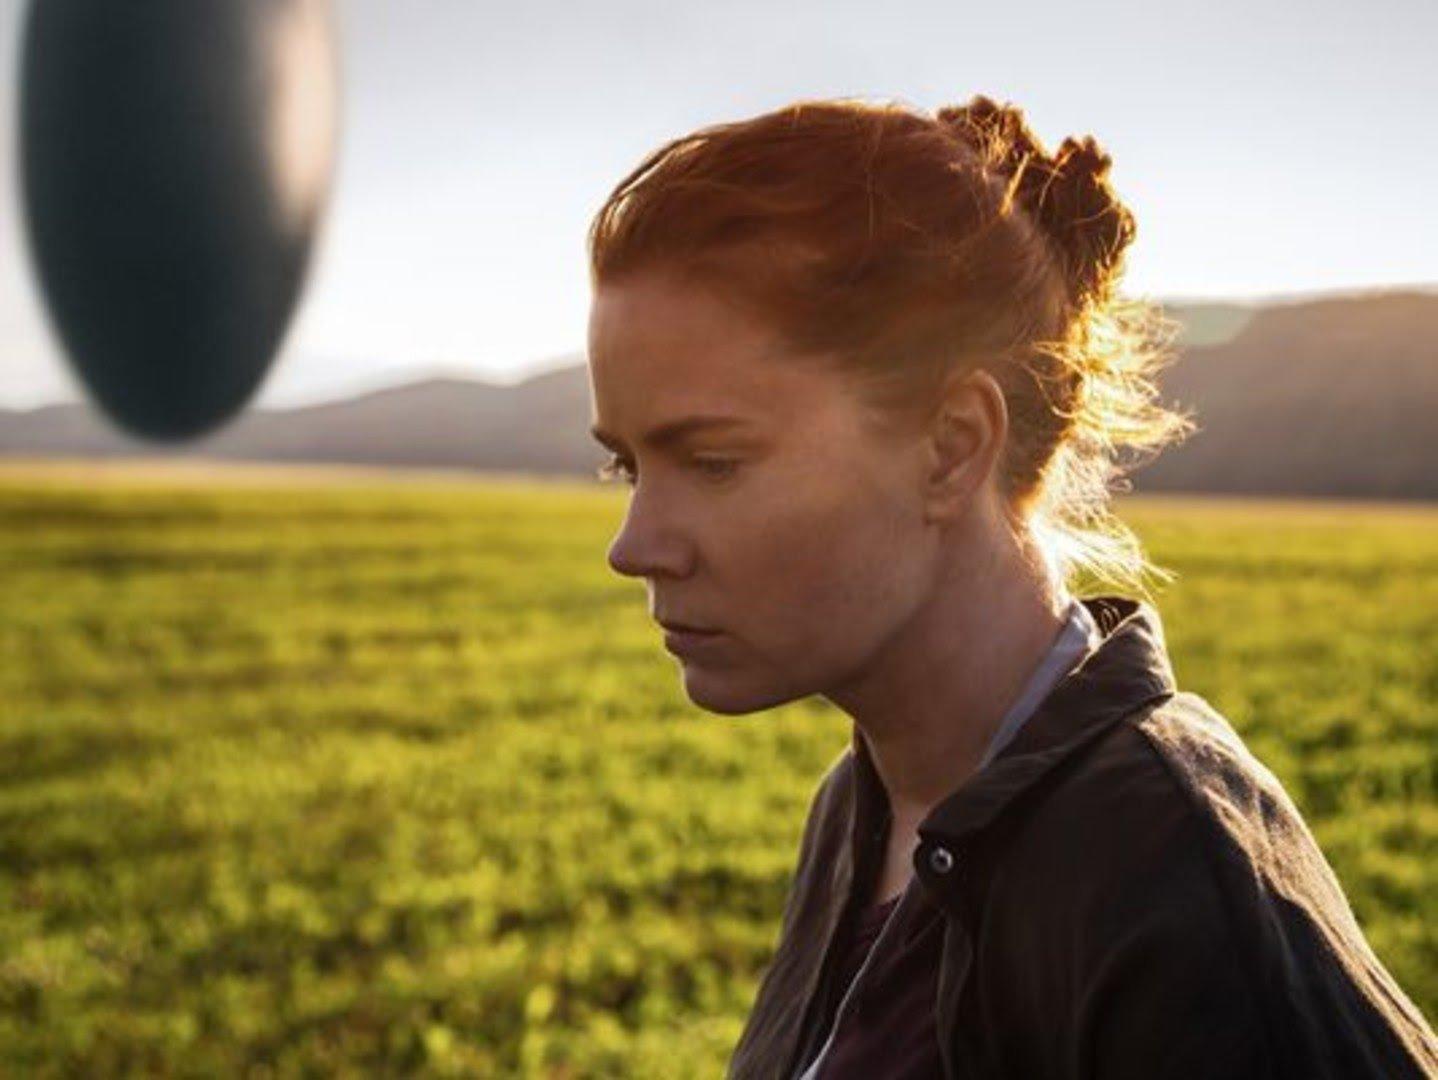 Эми Адамс сыграла одну из своих лучших ролей в фильме «Прибытие»